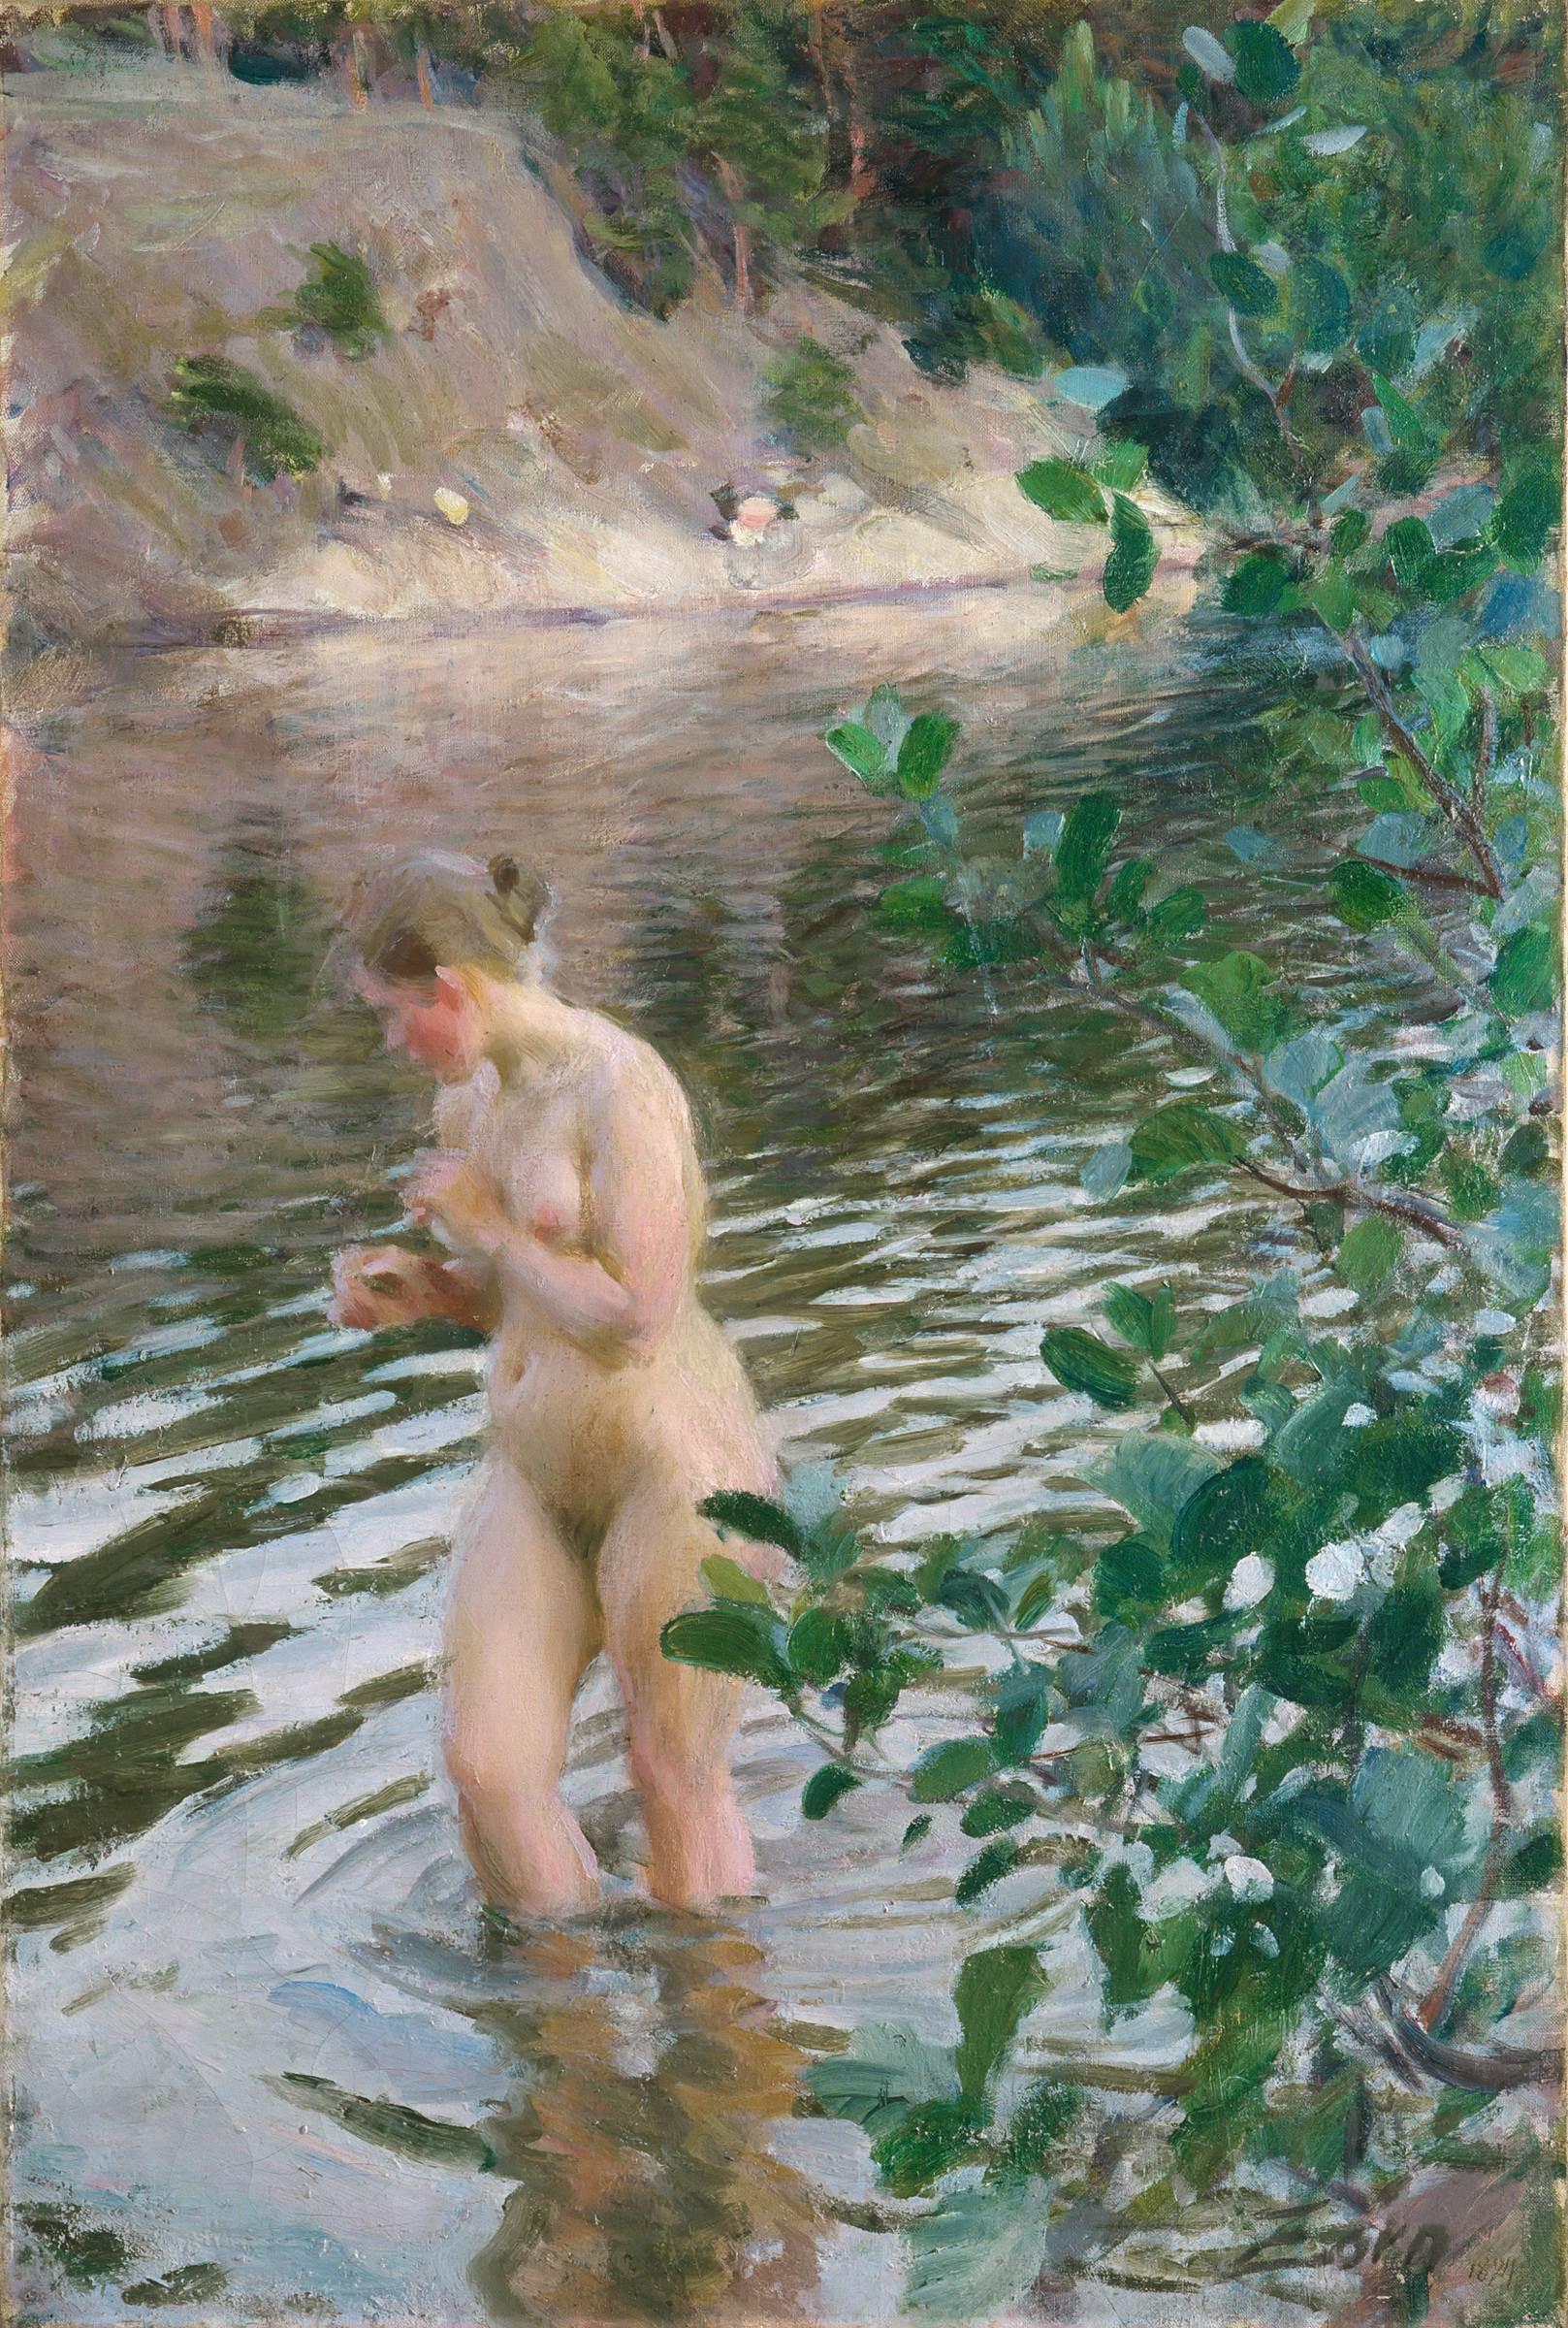 Anders Leonard Zorn. 1860-1920. Купальщица. 1894. Стокгольм, Дворец Вальдемарсудде